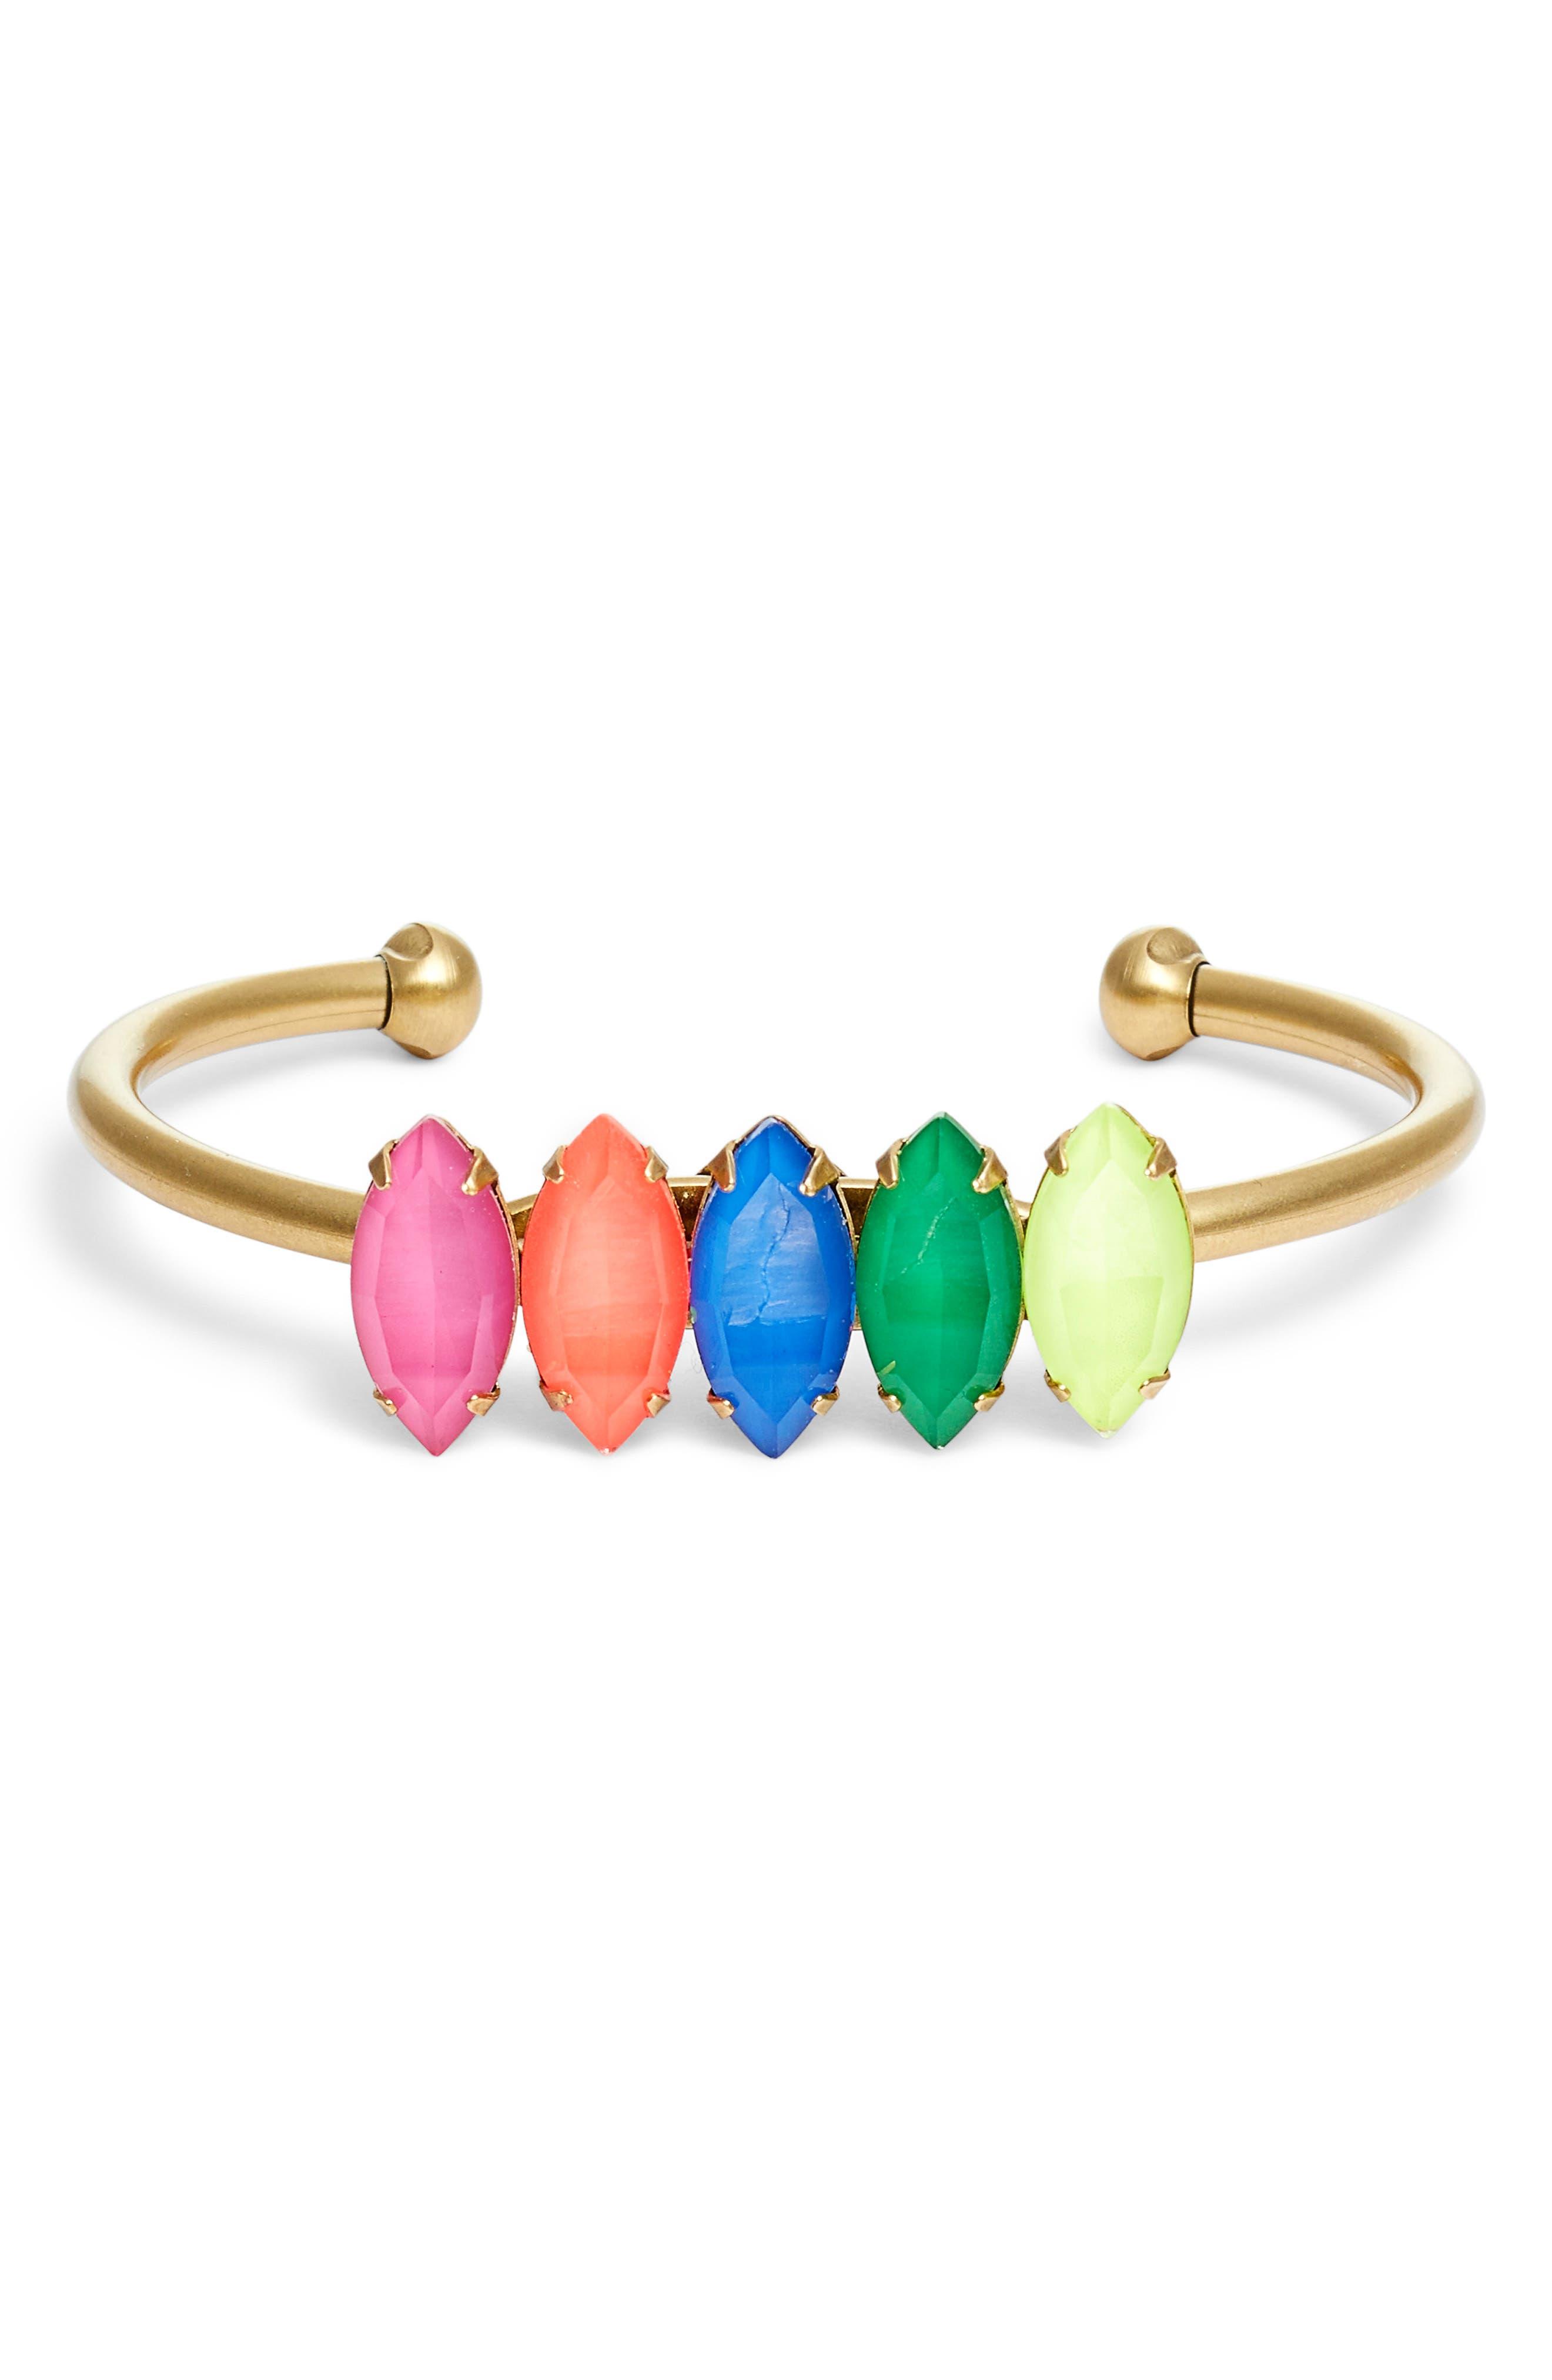 Loren Hope Edie Crystal Cuff Bracelet